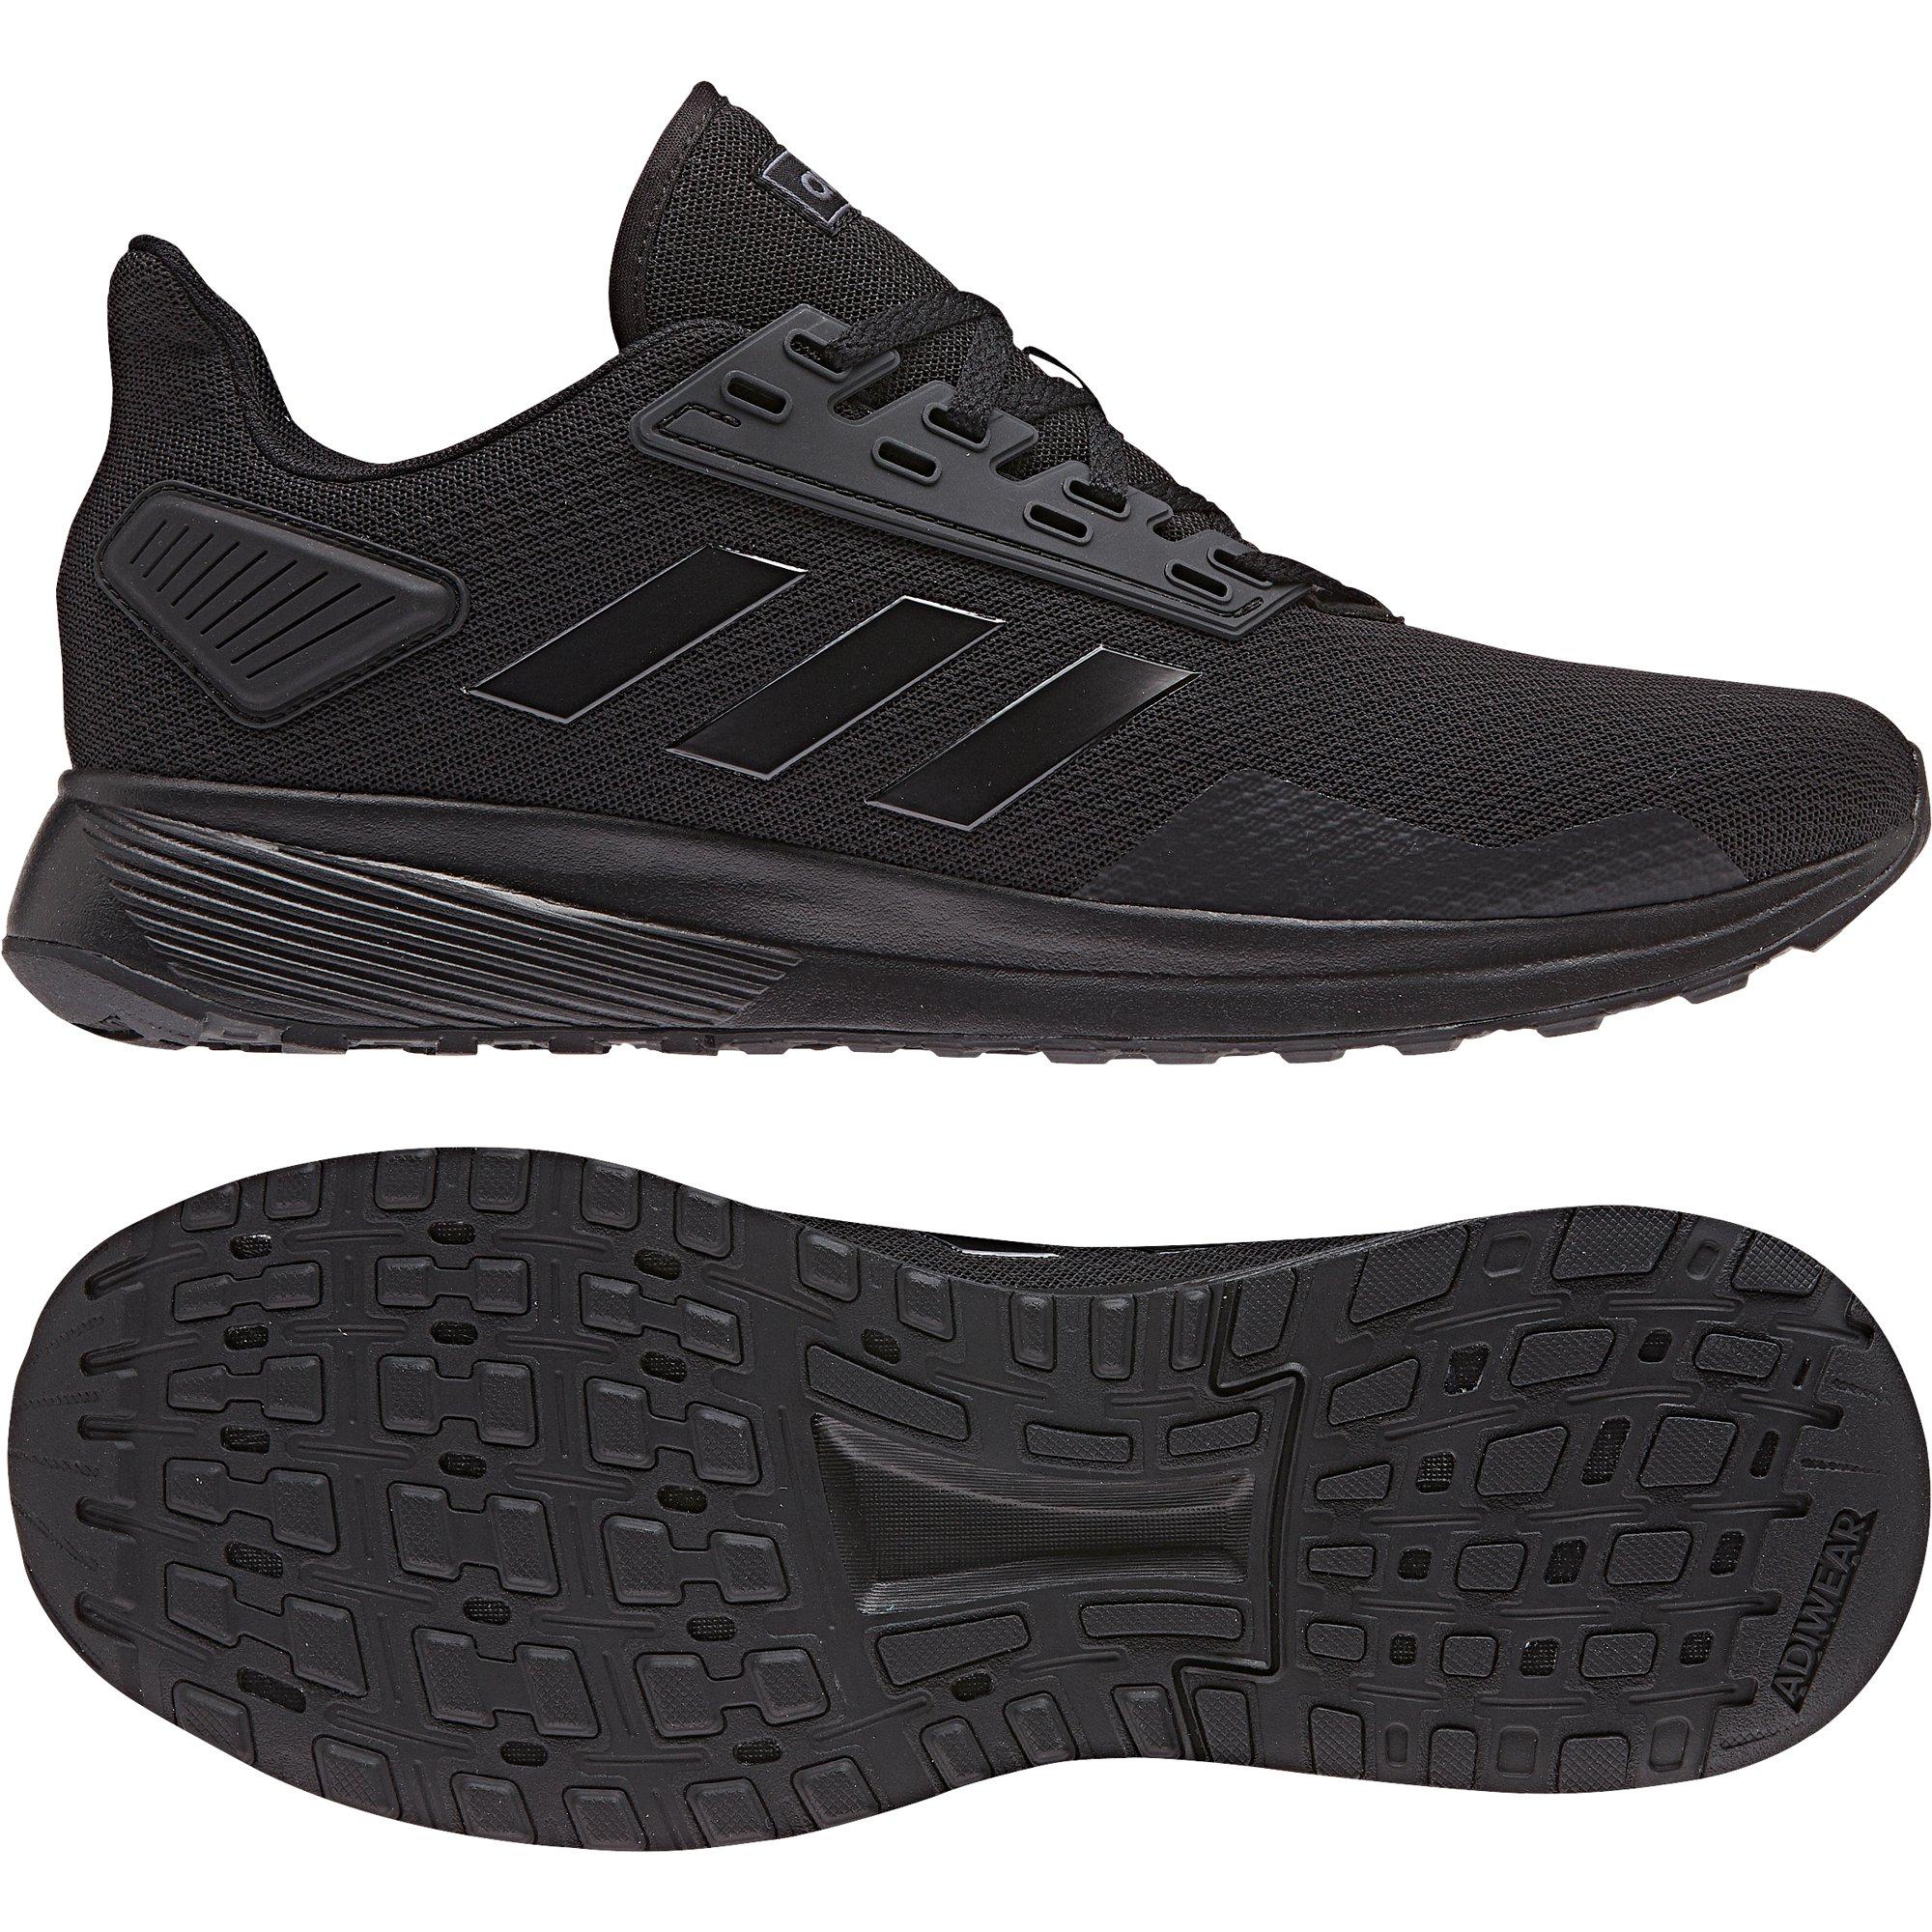 wylot online renomowana strona Wielka wyprzedaż buty męskie adidas Duramo 9 r 39 1/3 B96578 - 7753646243 ...